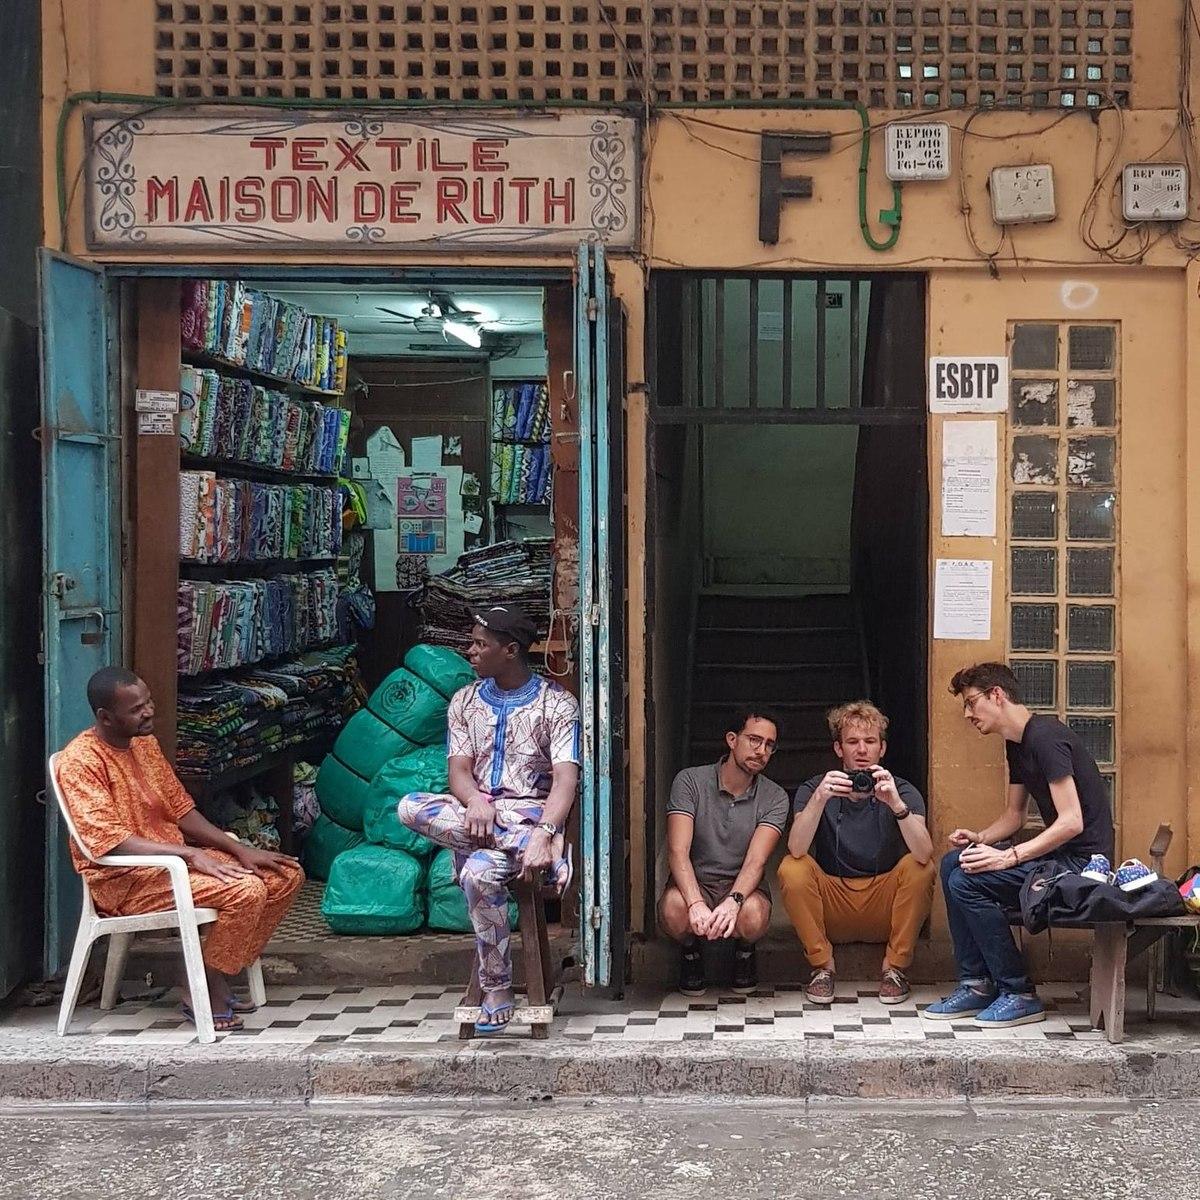 Vulfran (avec l'appareil photo) et Hugues (à droite sur le banc) à Abidjan en octobre 2018